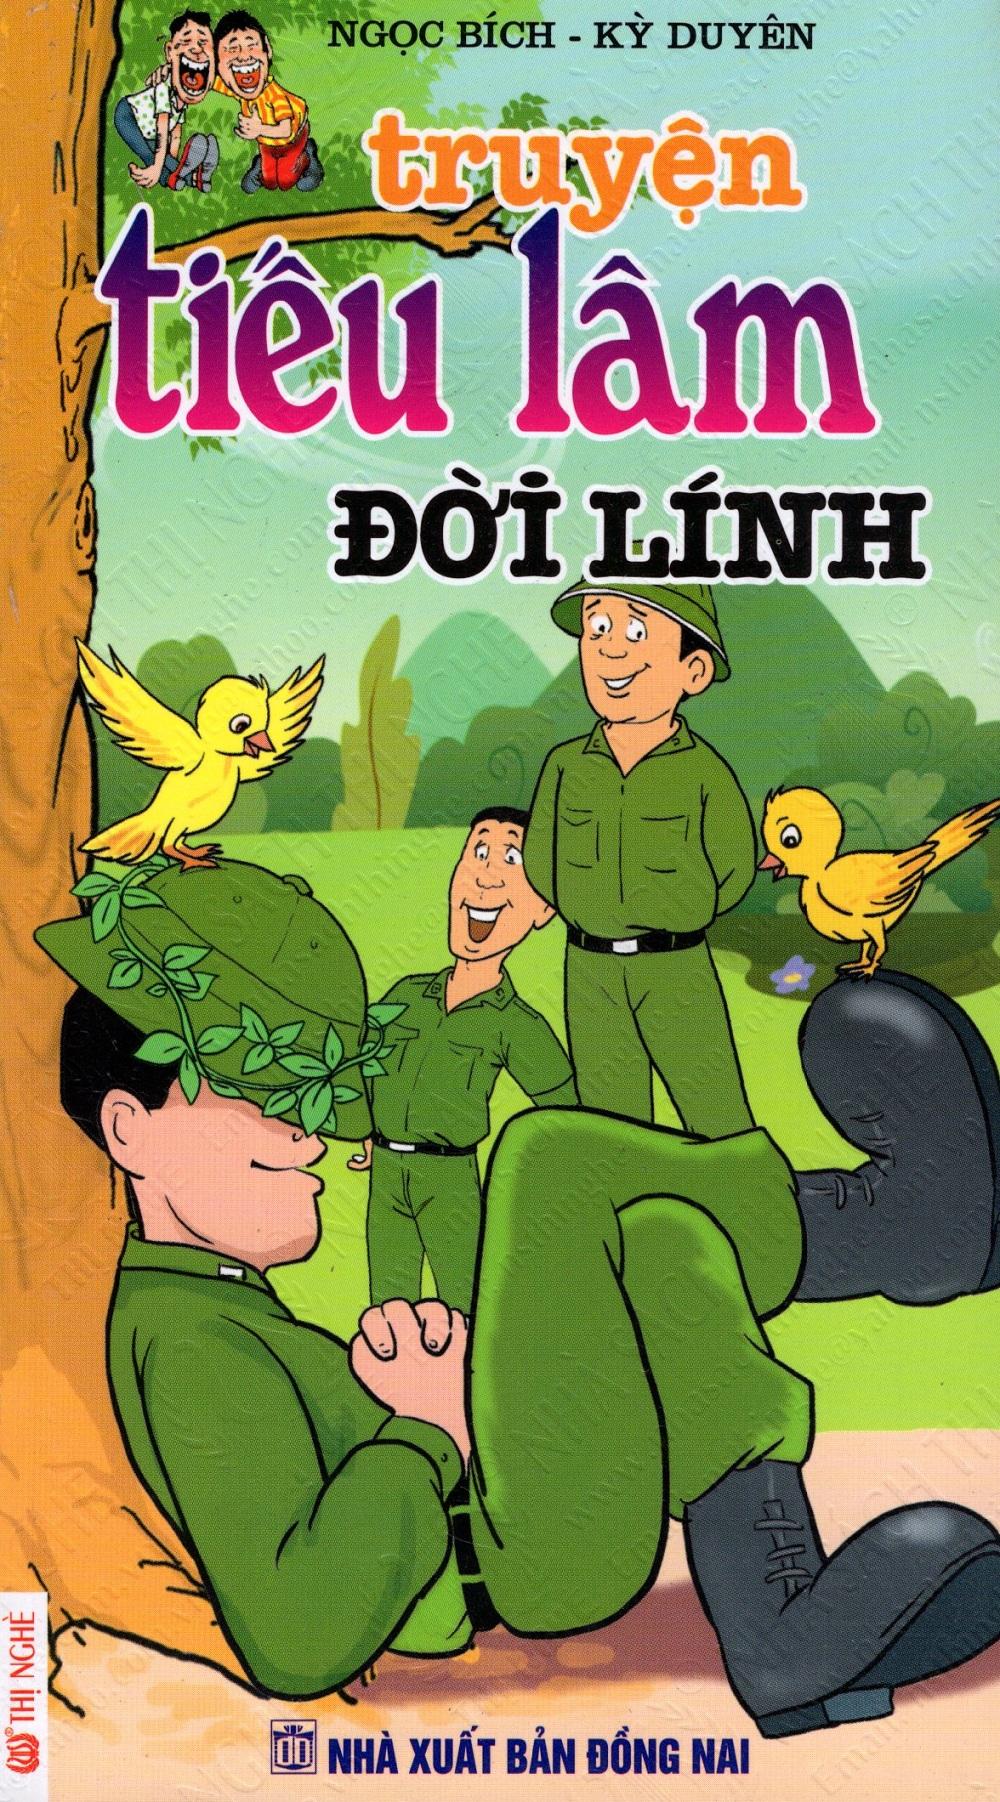 Bìa sách Truyện Tiếu Lâm: Đời Lính